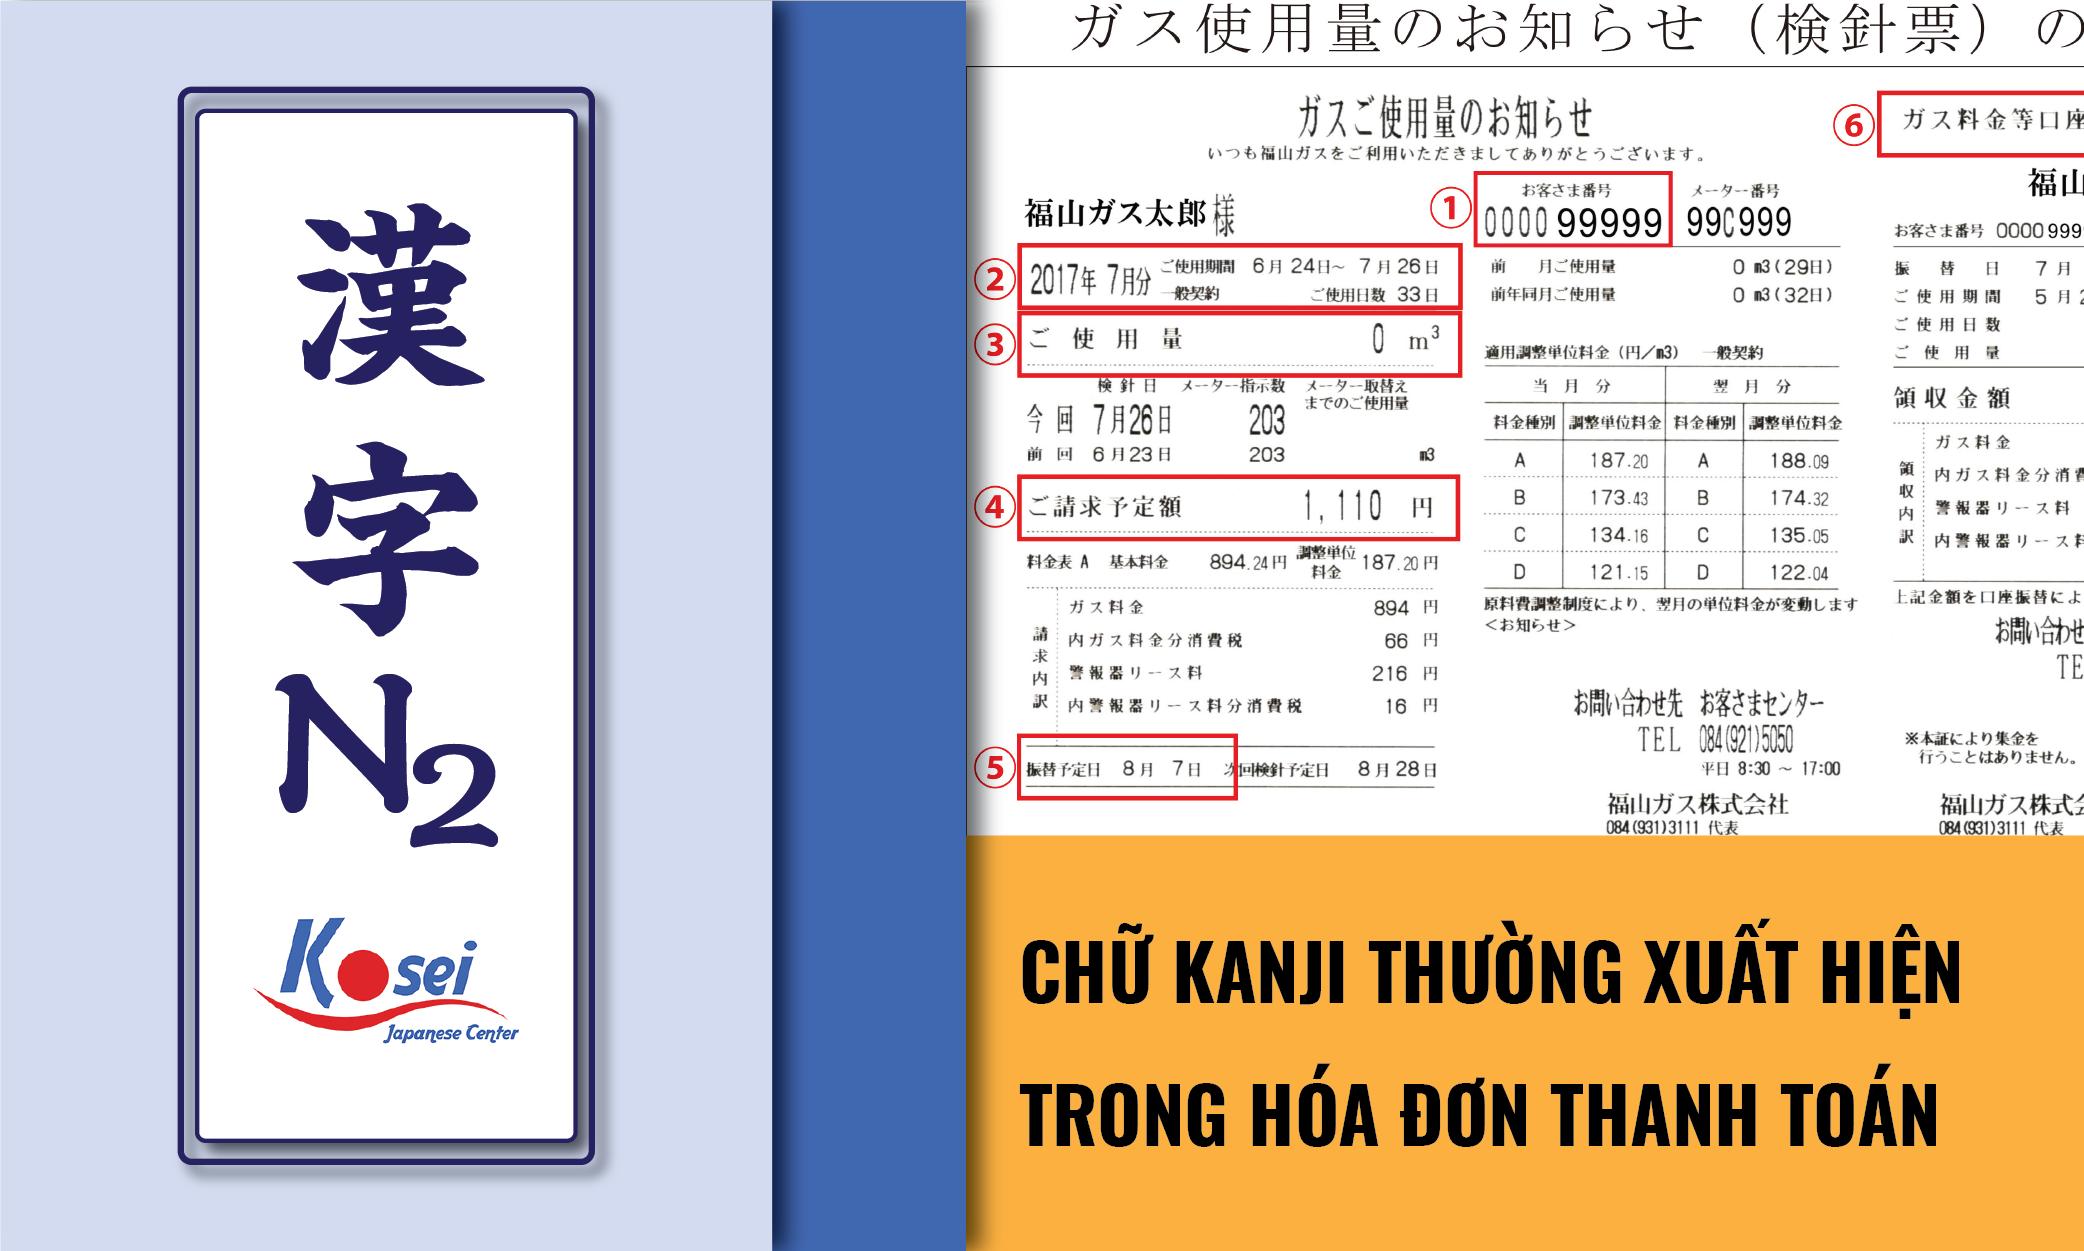 (Tổng hợp) Kanji N2: Các Kanji trên thông báo và mẫu đơn thanh toán các loại phí